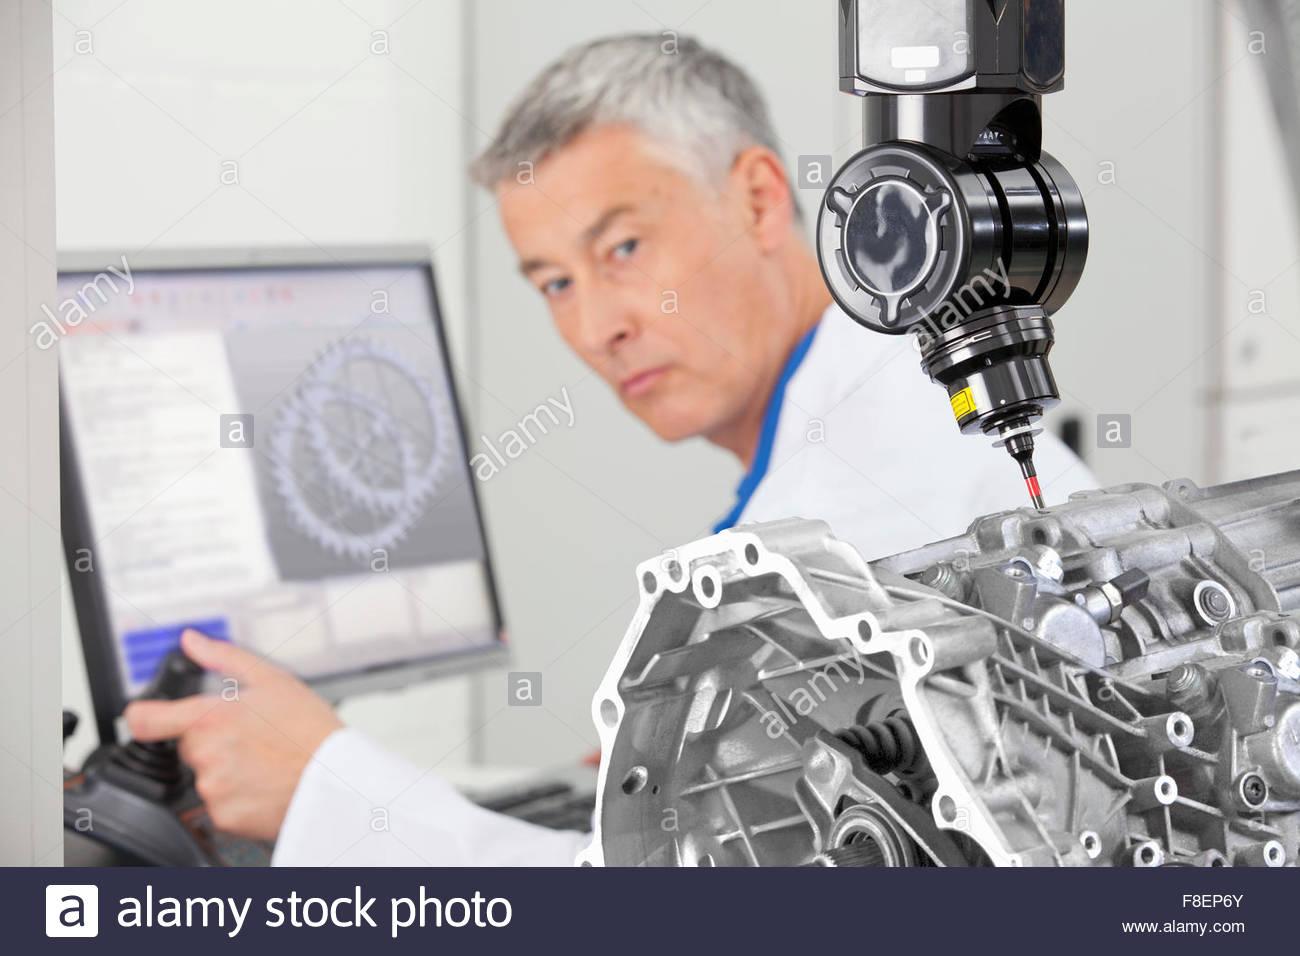 Ingeniero que trabaja en equipo y girando hacia el bloque del motor de análisis de sonda Imagen De Stock